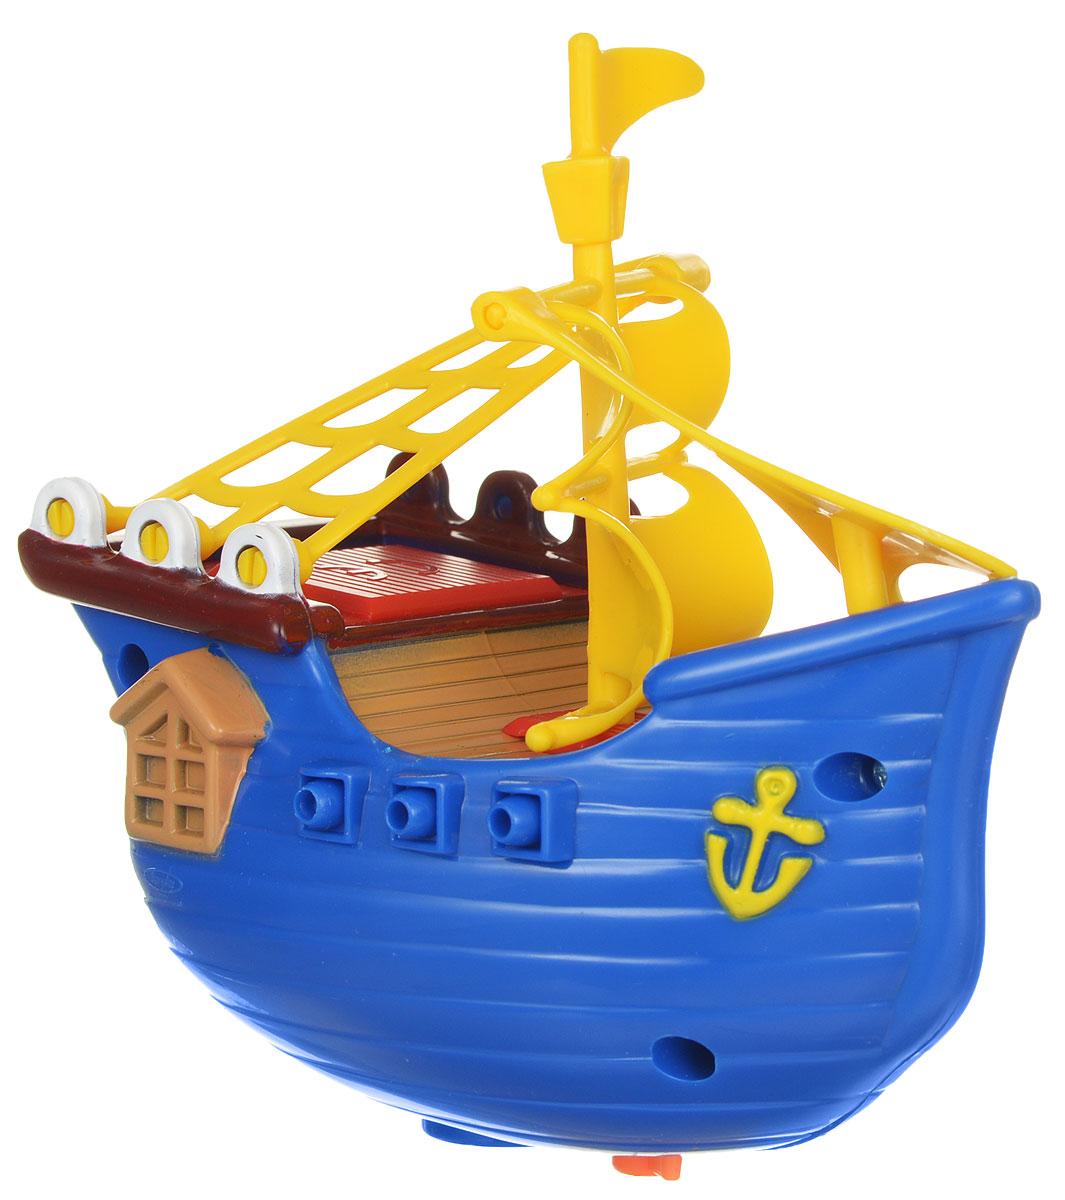 Navystar Игрушка для ванной Фрегат цвет синий63985-1-B_голубойЗаводная игрушка Фрегат порадует вашего малыша во время купания и сделает этот порой нелегкий процесс приятным и веселым. Фрегат синего цвета с яркими пластиковыми парусами. Механическая игрушка быстро плавает по поверхности воды. Даже ребенку легко завести кораблик с помощью специального ключика, расположенного на дне игрушки. Данная игрушка не только развеселит вашего малыша, но и поможет развить мелкую моторику.